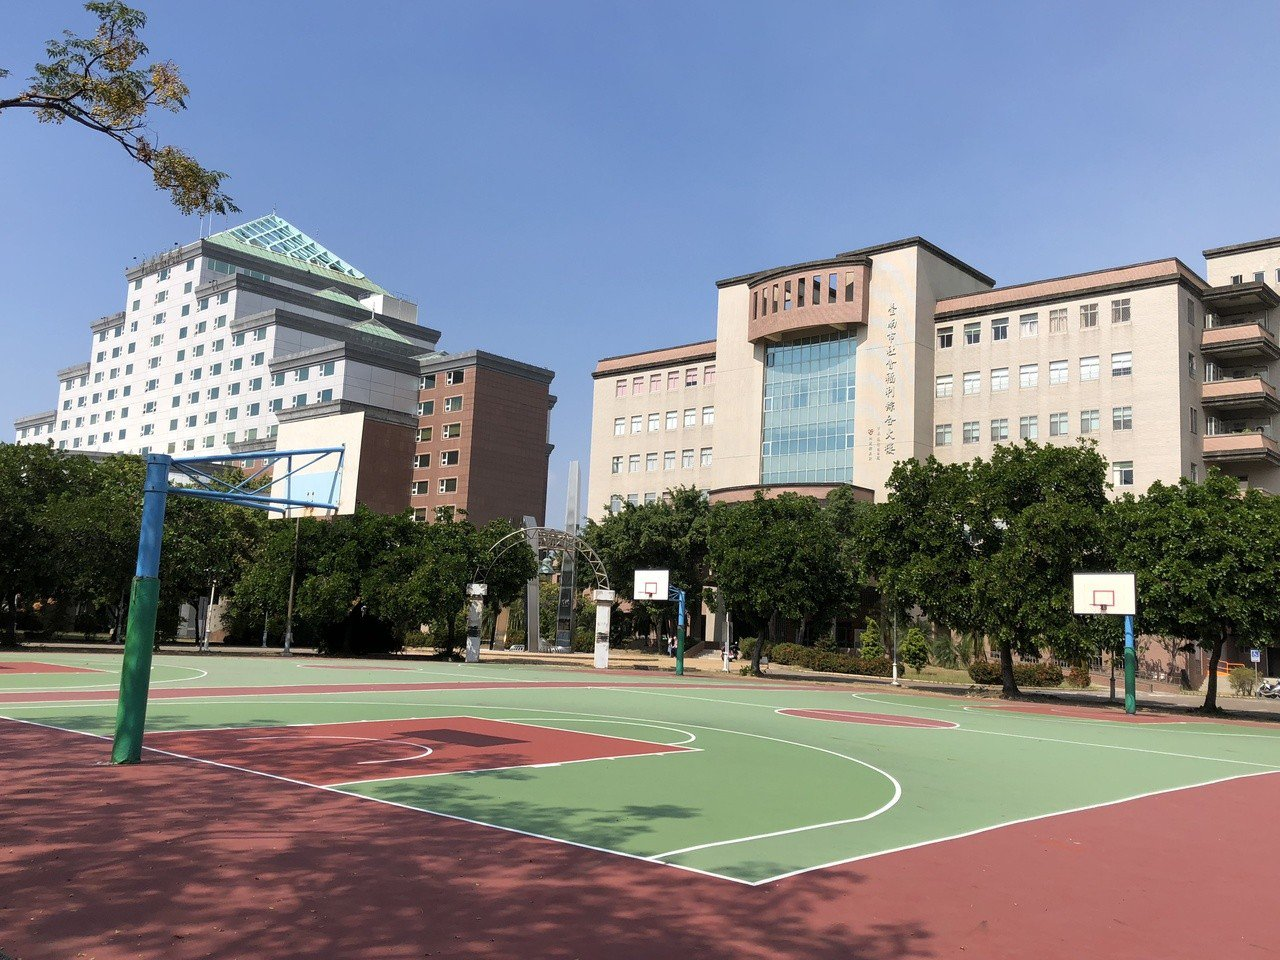 陳姓男子去年在台南市政府旁籃球場打球,傳球給隊友不慎,籃球彈出球場,導致女機車騎...